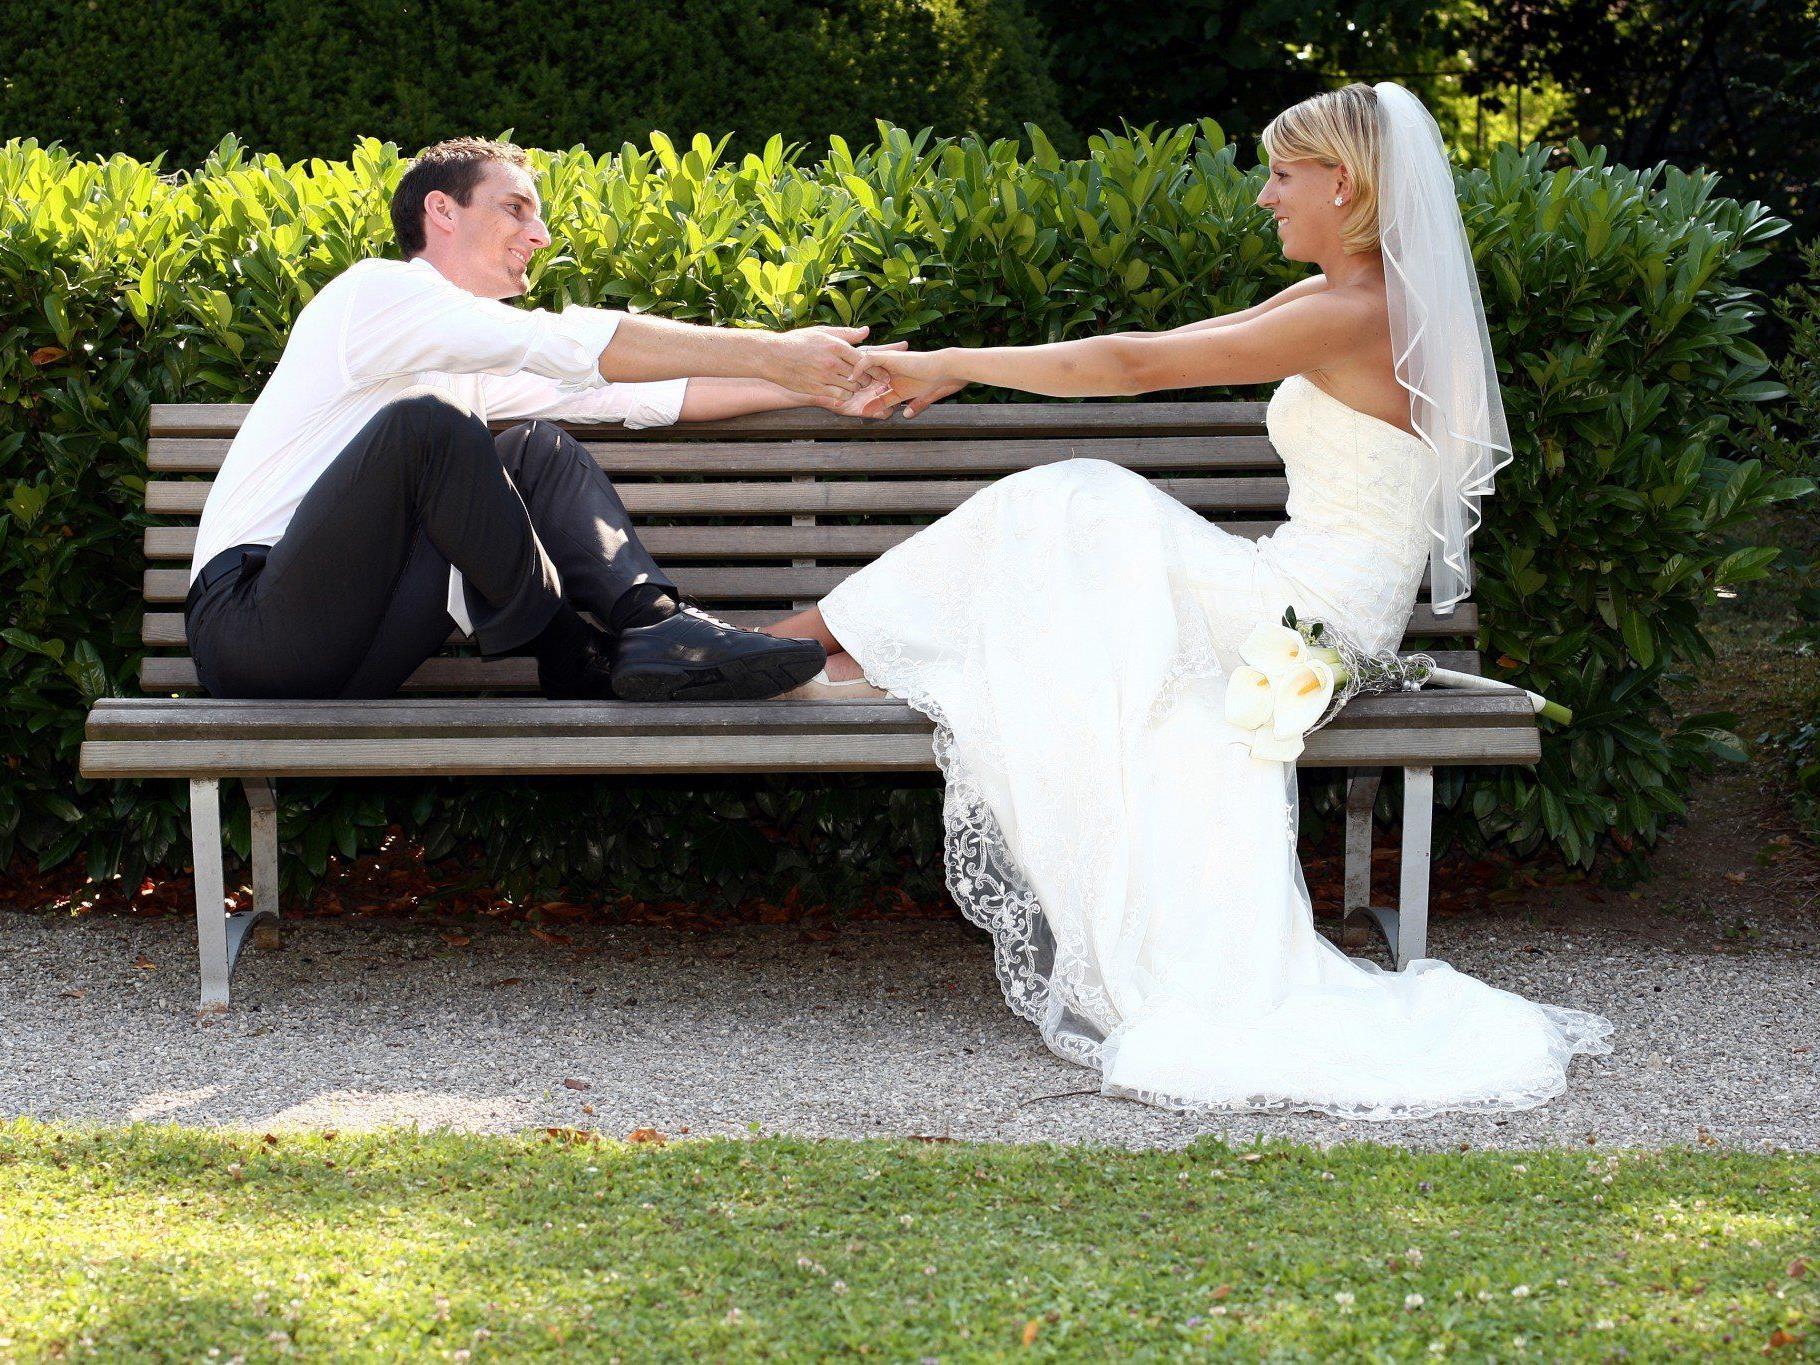 Eine Hochzeit soll perfekt sein - Das erfordert gute Planung.